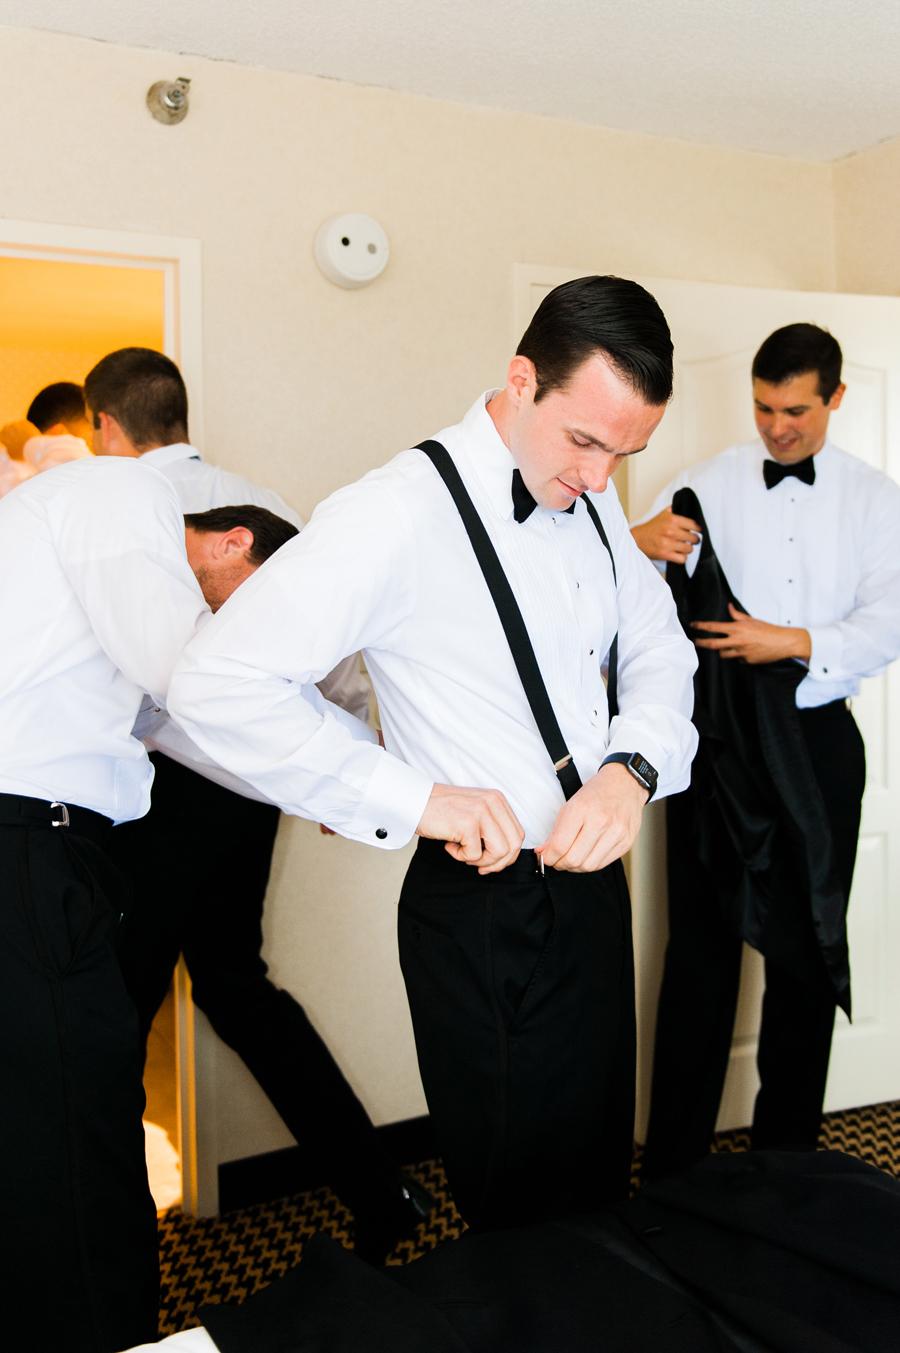 drury-lane-wedding-005